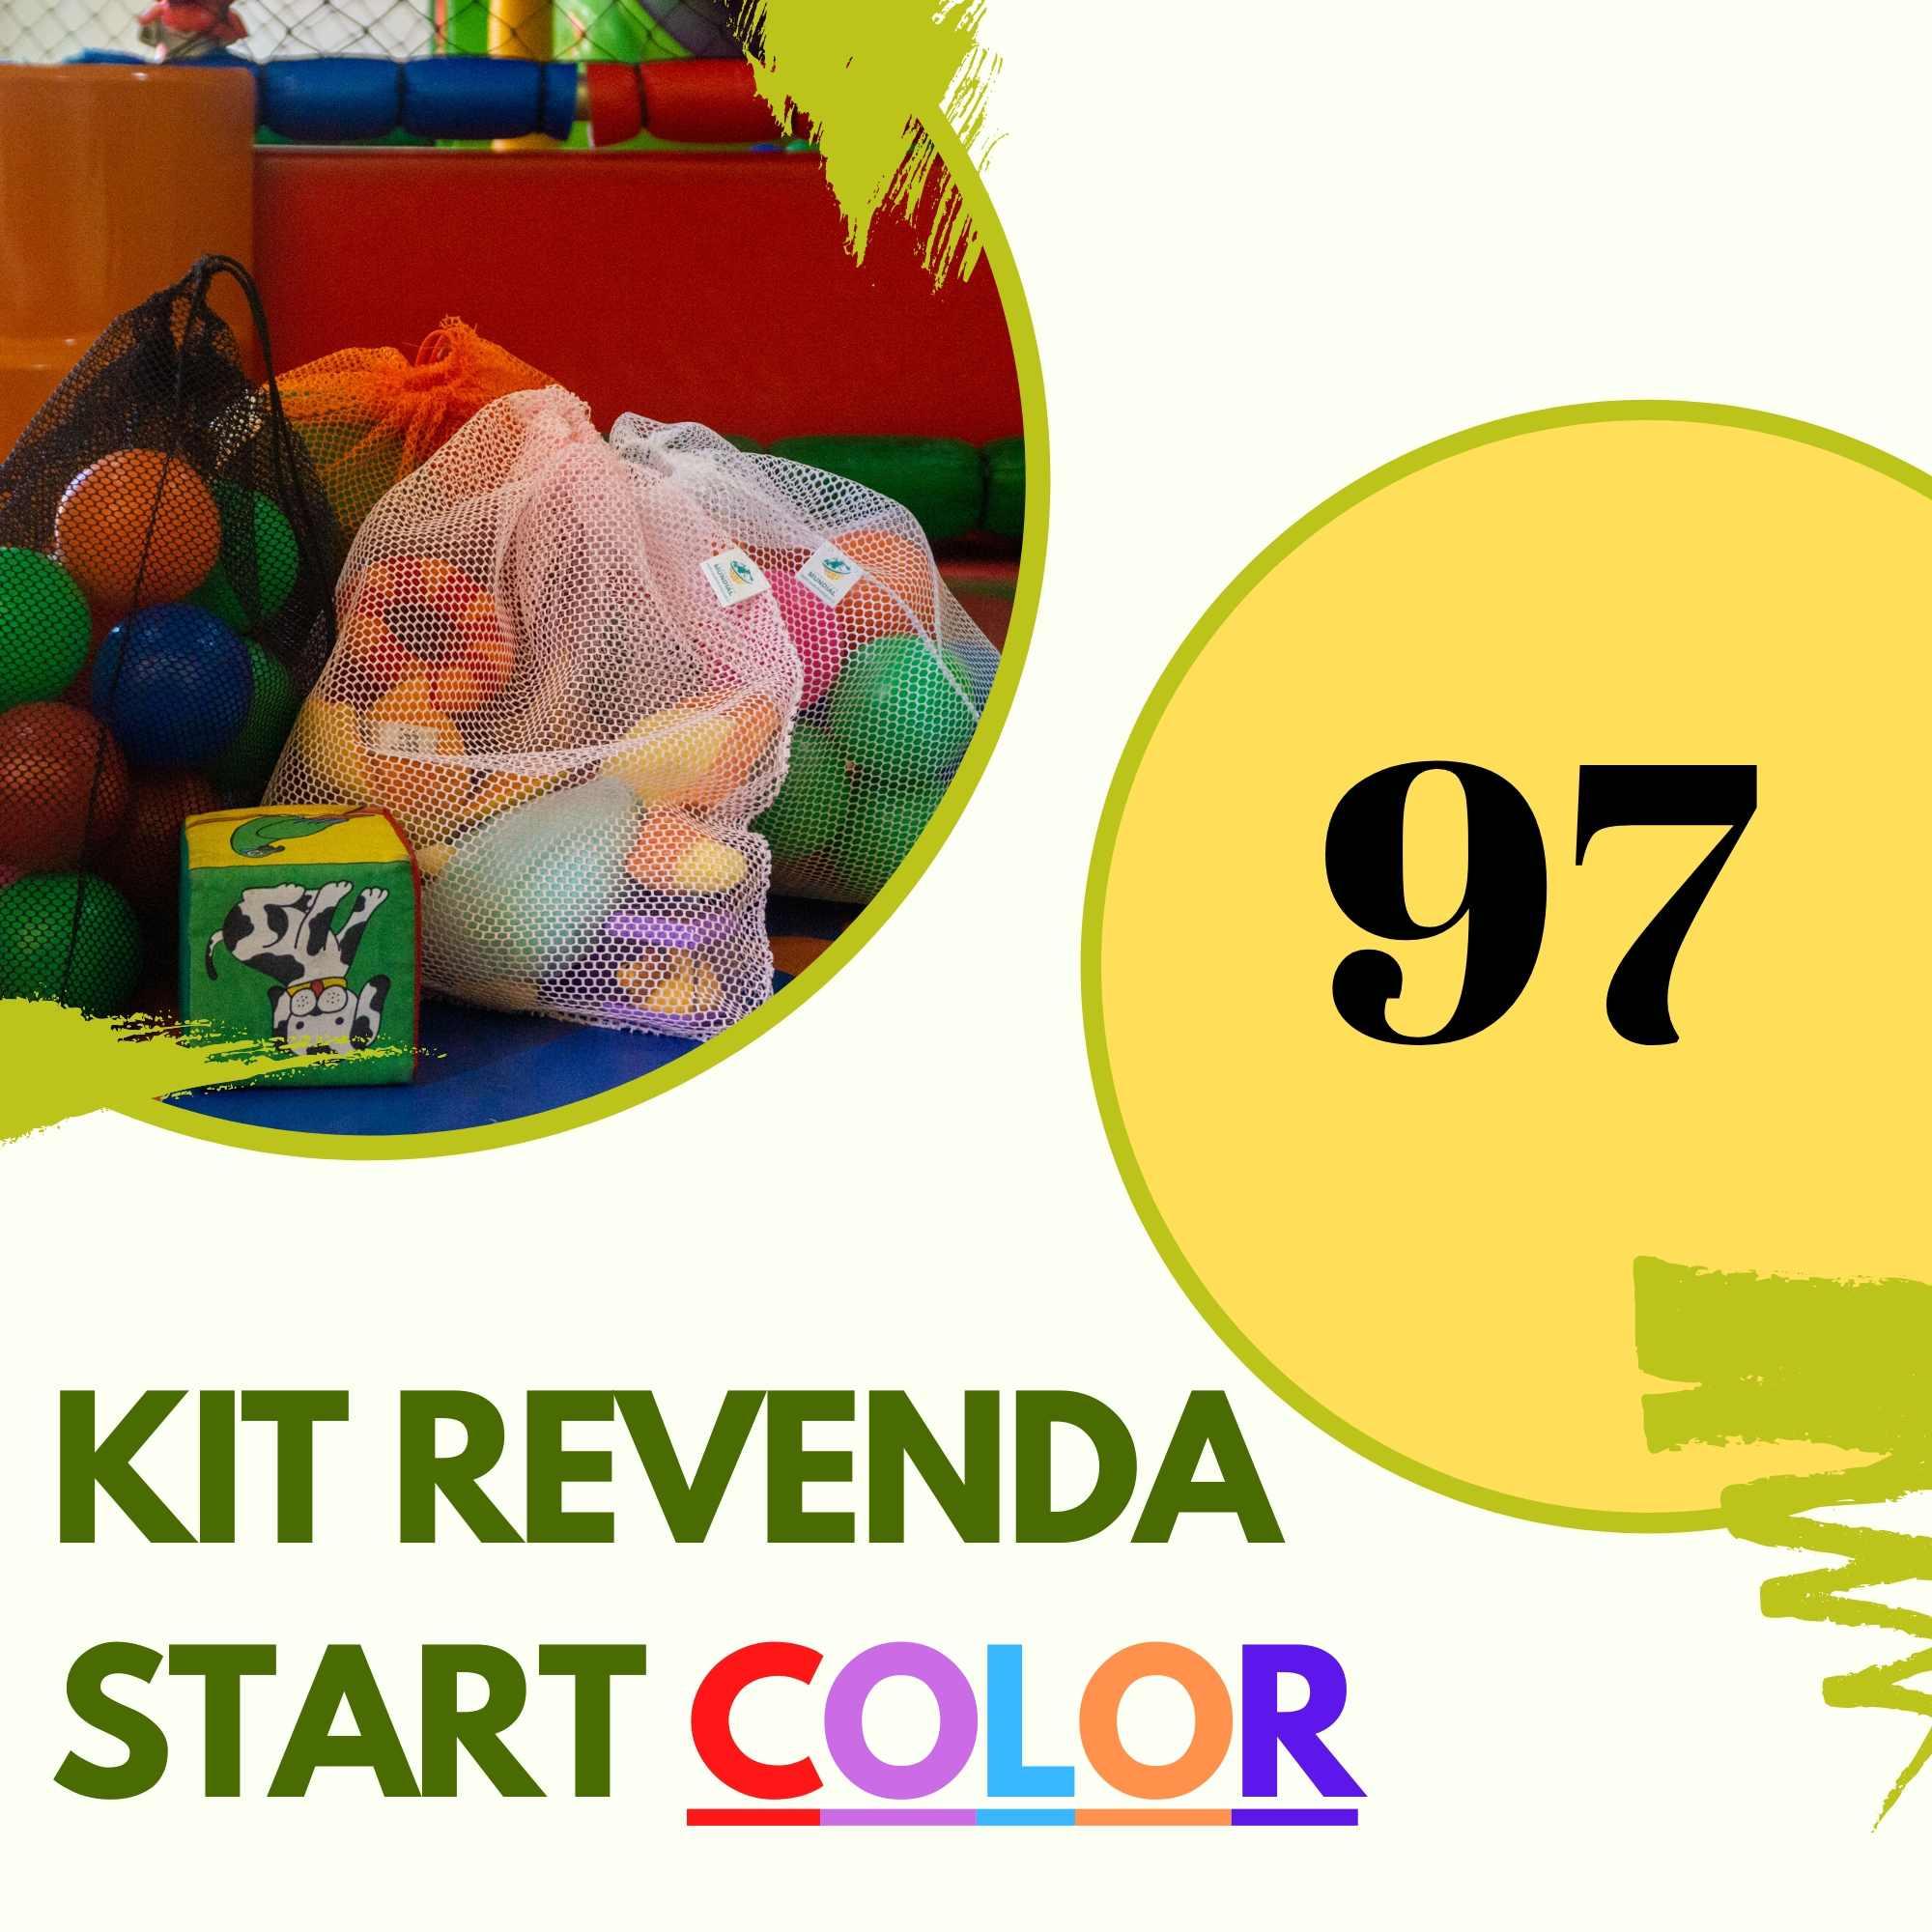 Kit REVENDA START COLOR  97 saquinhos